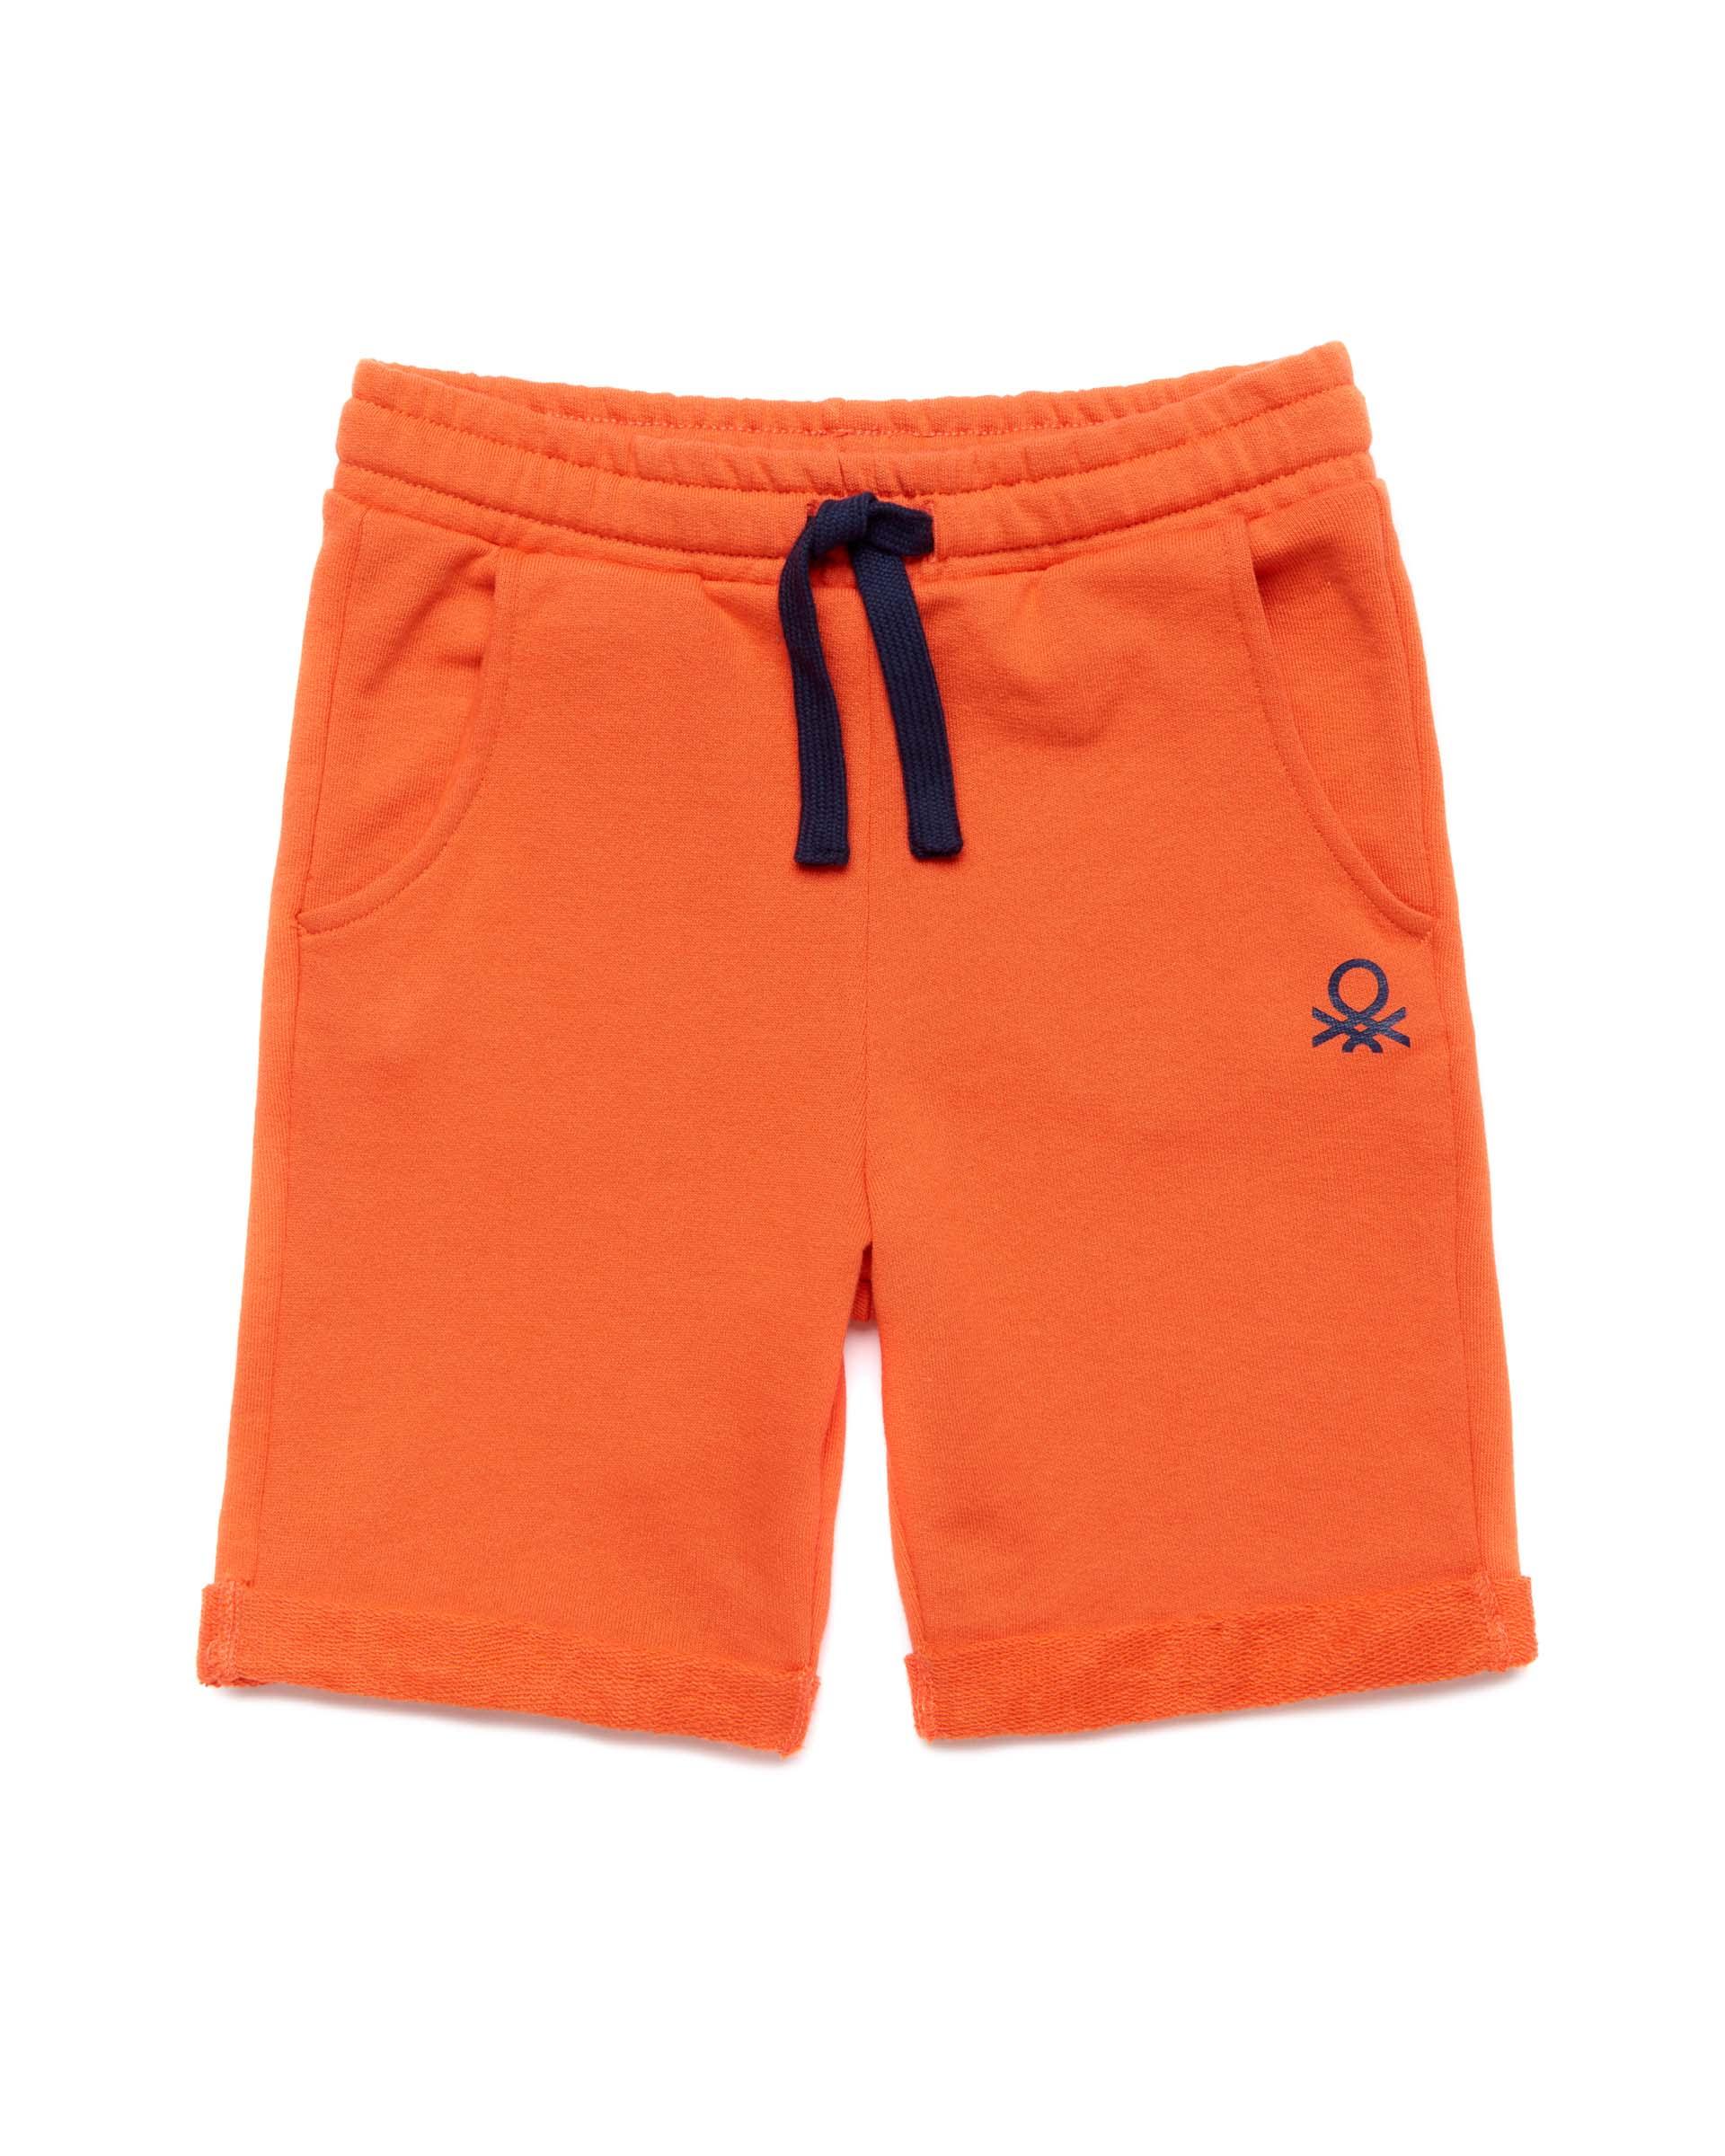 Купить 20P_3J68I0638_309, Спортивные шорты для мальчиков Benetton 3J68I0638_309 р-р 92, United Colors of Benetton, Шорты и брюки для новорожденных